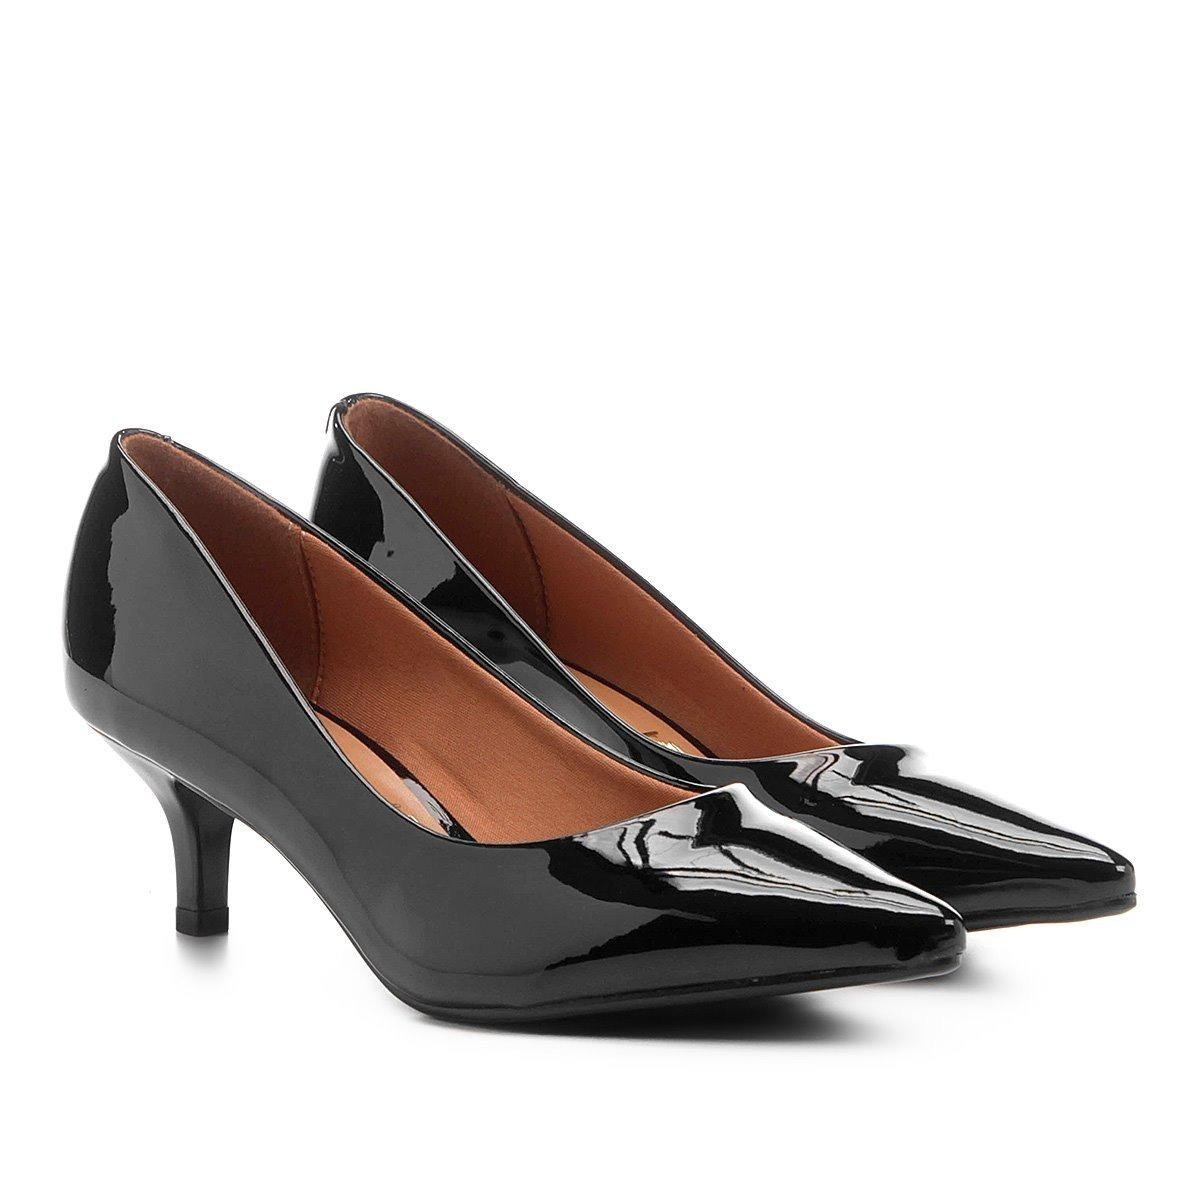 a2f989a468 sapato feminino scarpin vizzano bico fino salto baixo 1122. Carregando zoom.